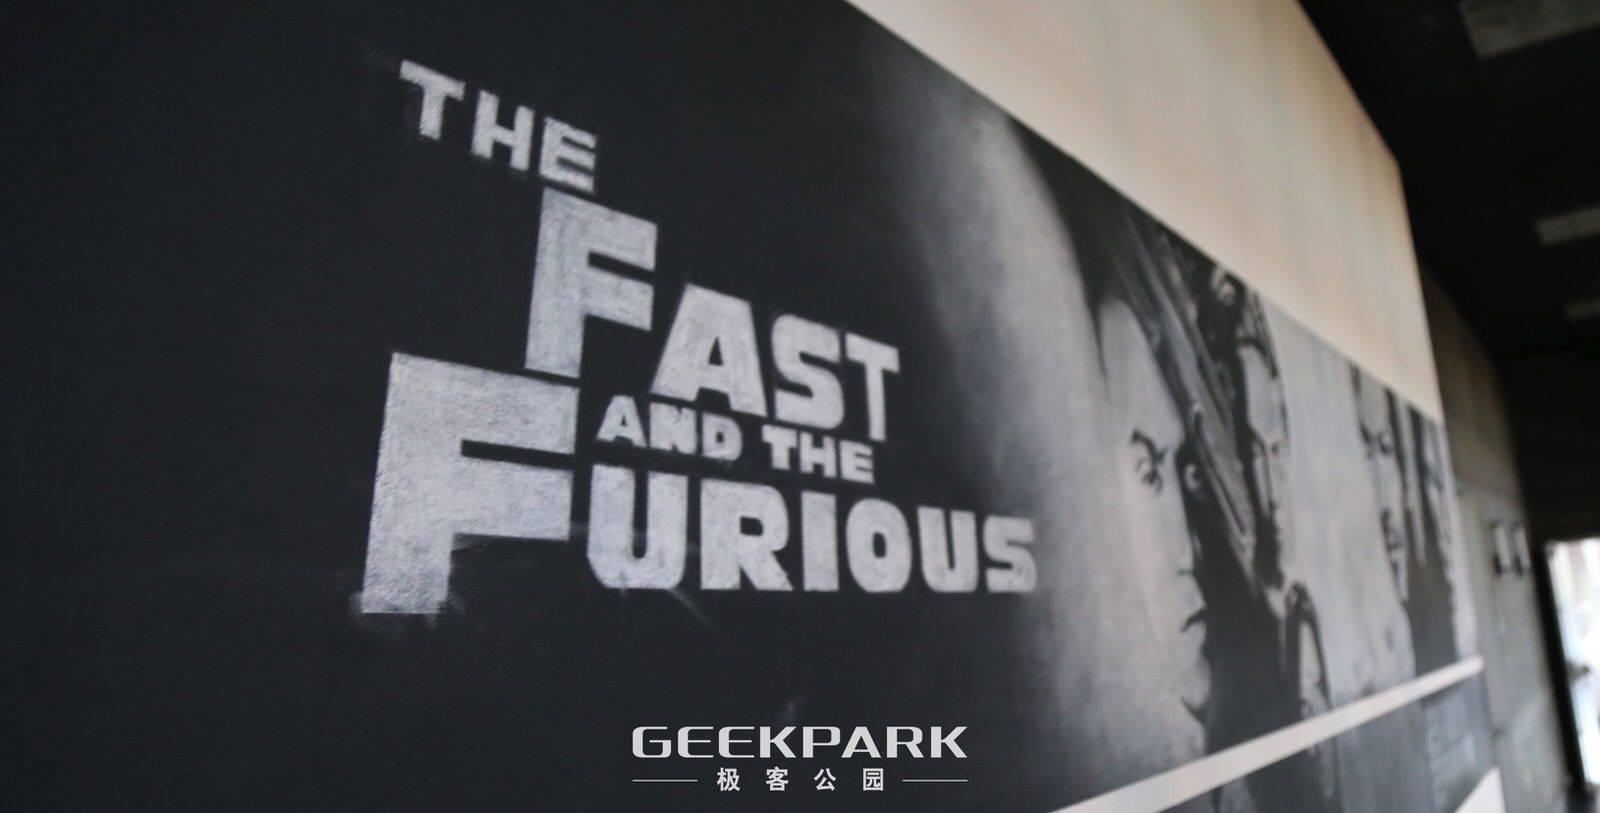 探访FaradayFuture总部 这家公司和其他新造车公司内部的状态有什么不同